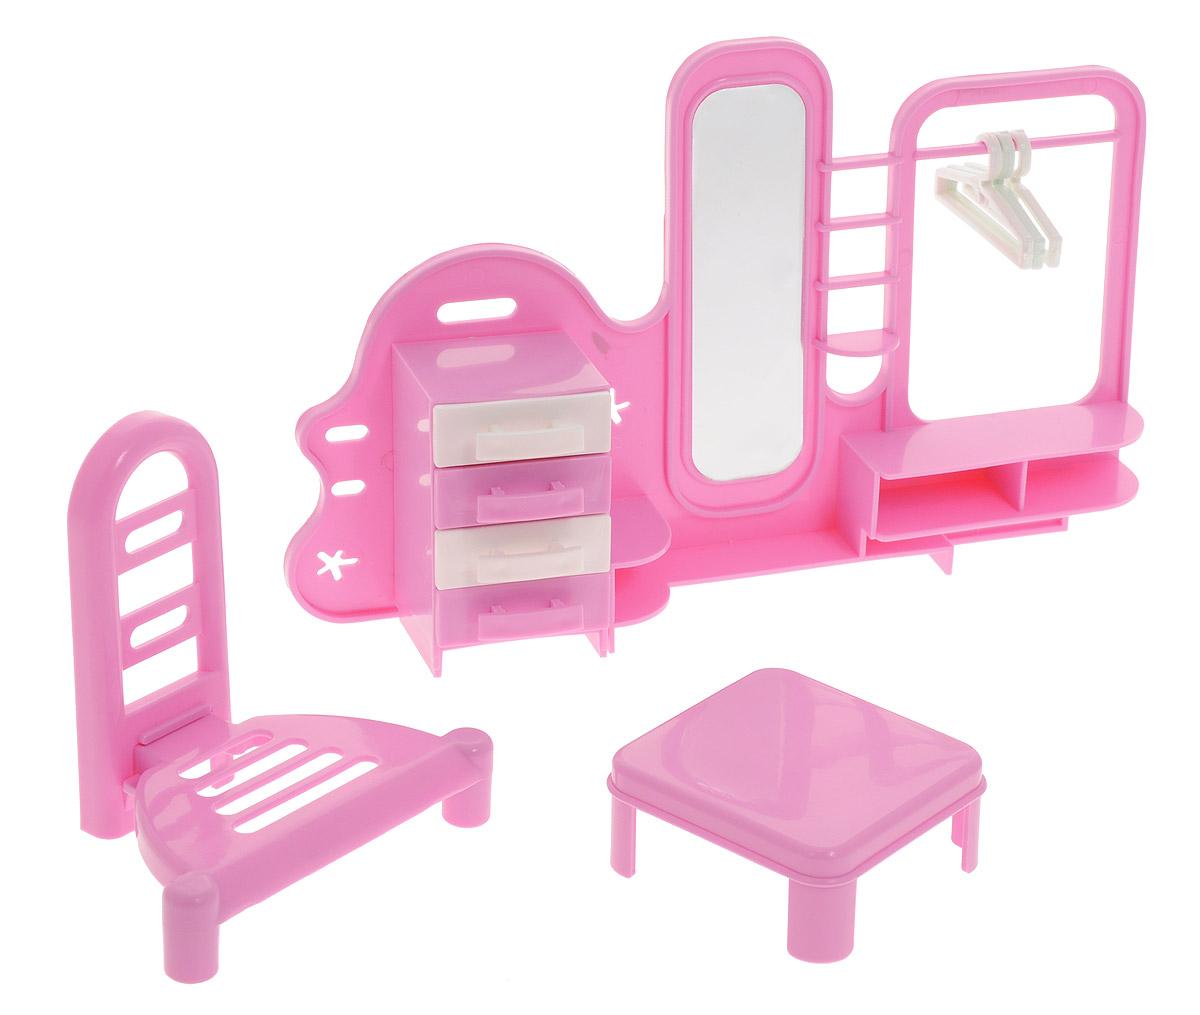 Форма Набор мебели для кукол Прихожая набор мебели для прихожей пикассо 3 2